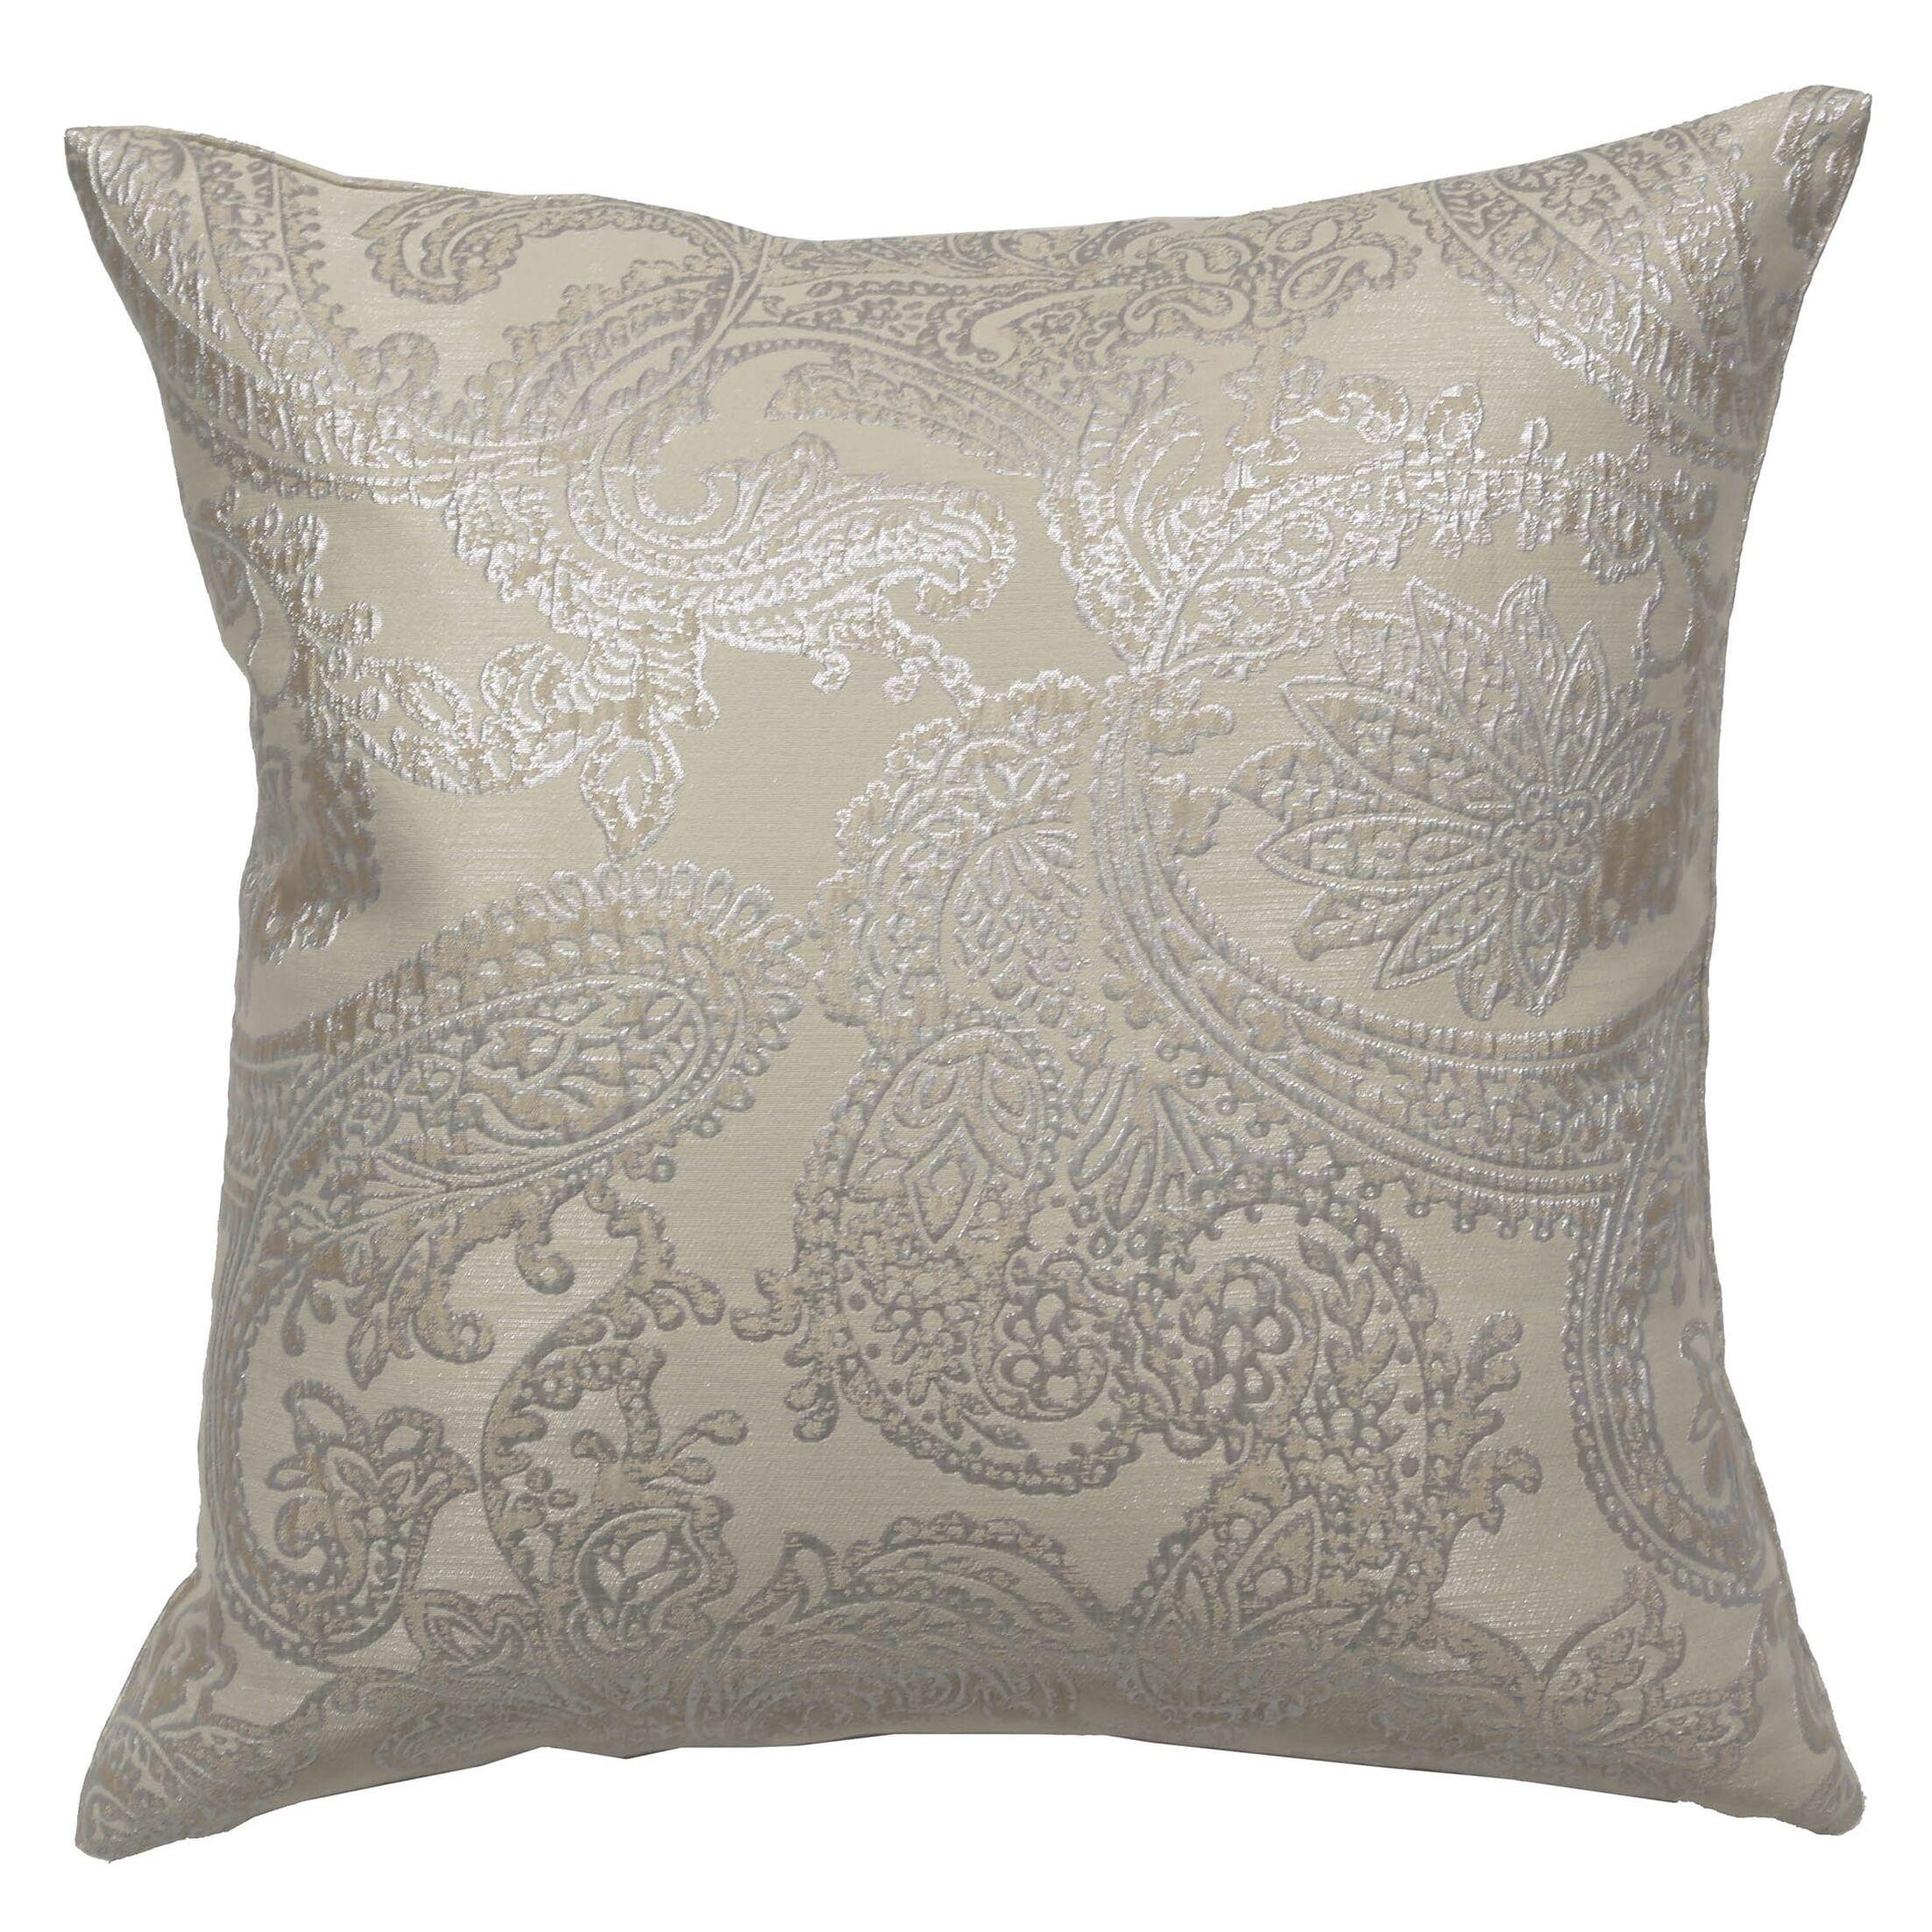 Arabesque Throw Pillow